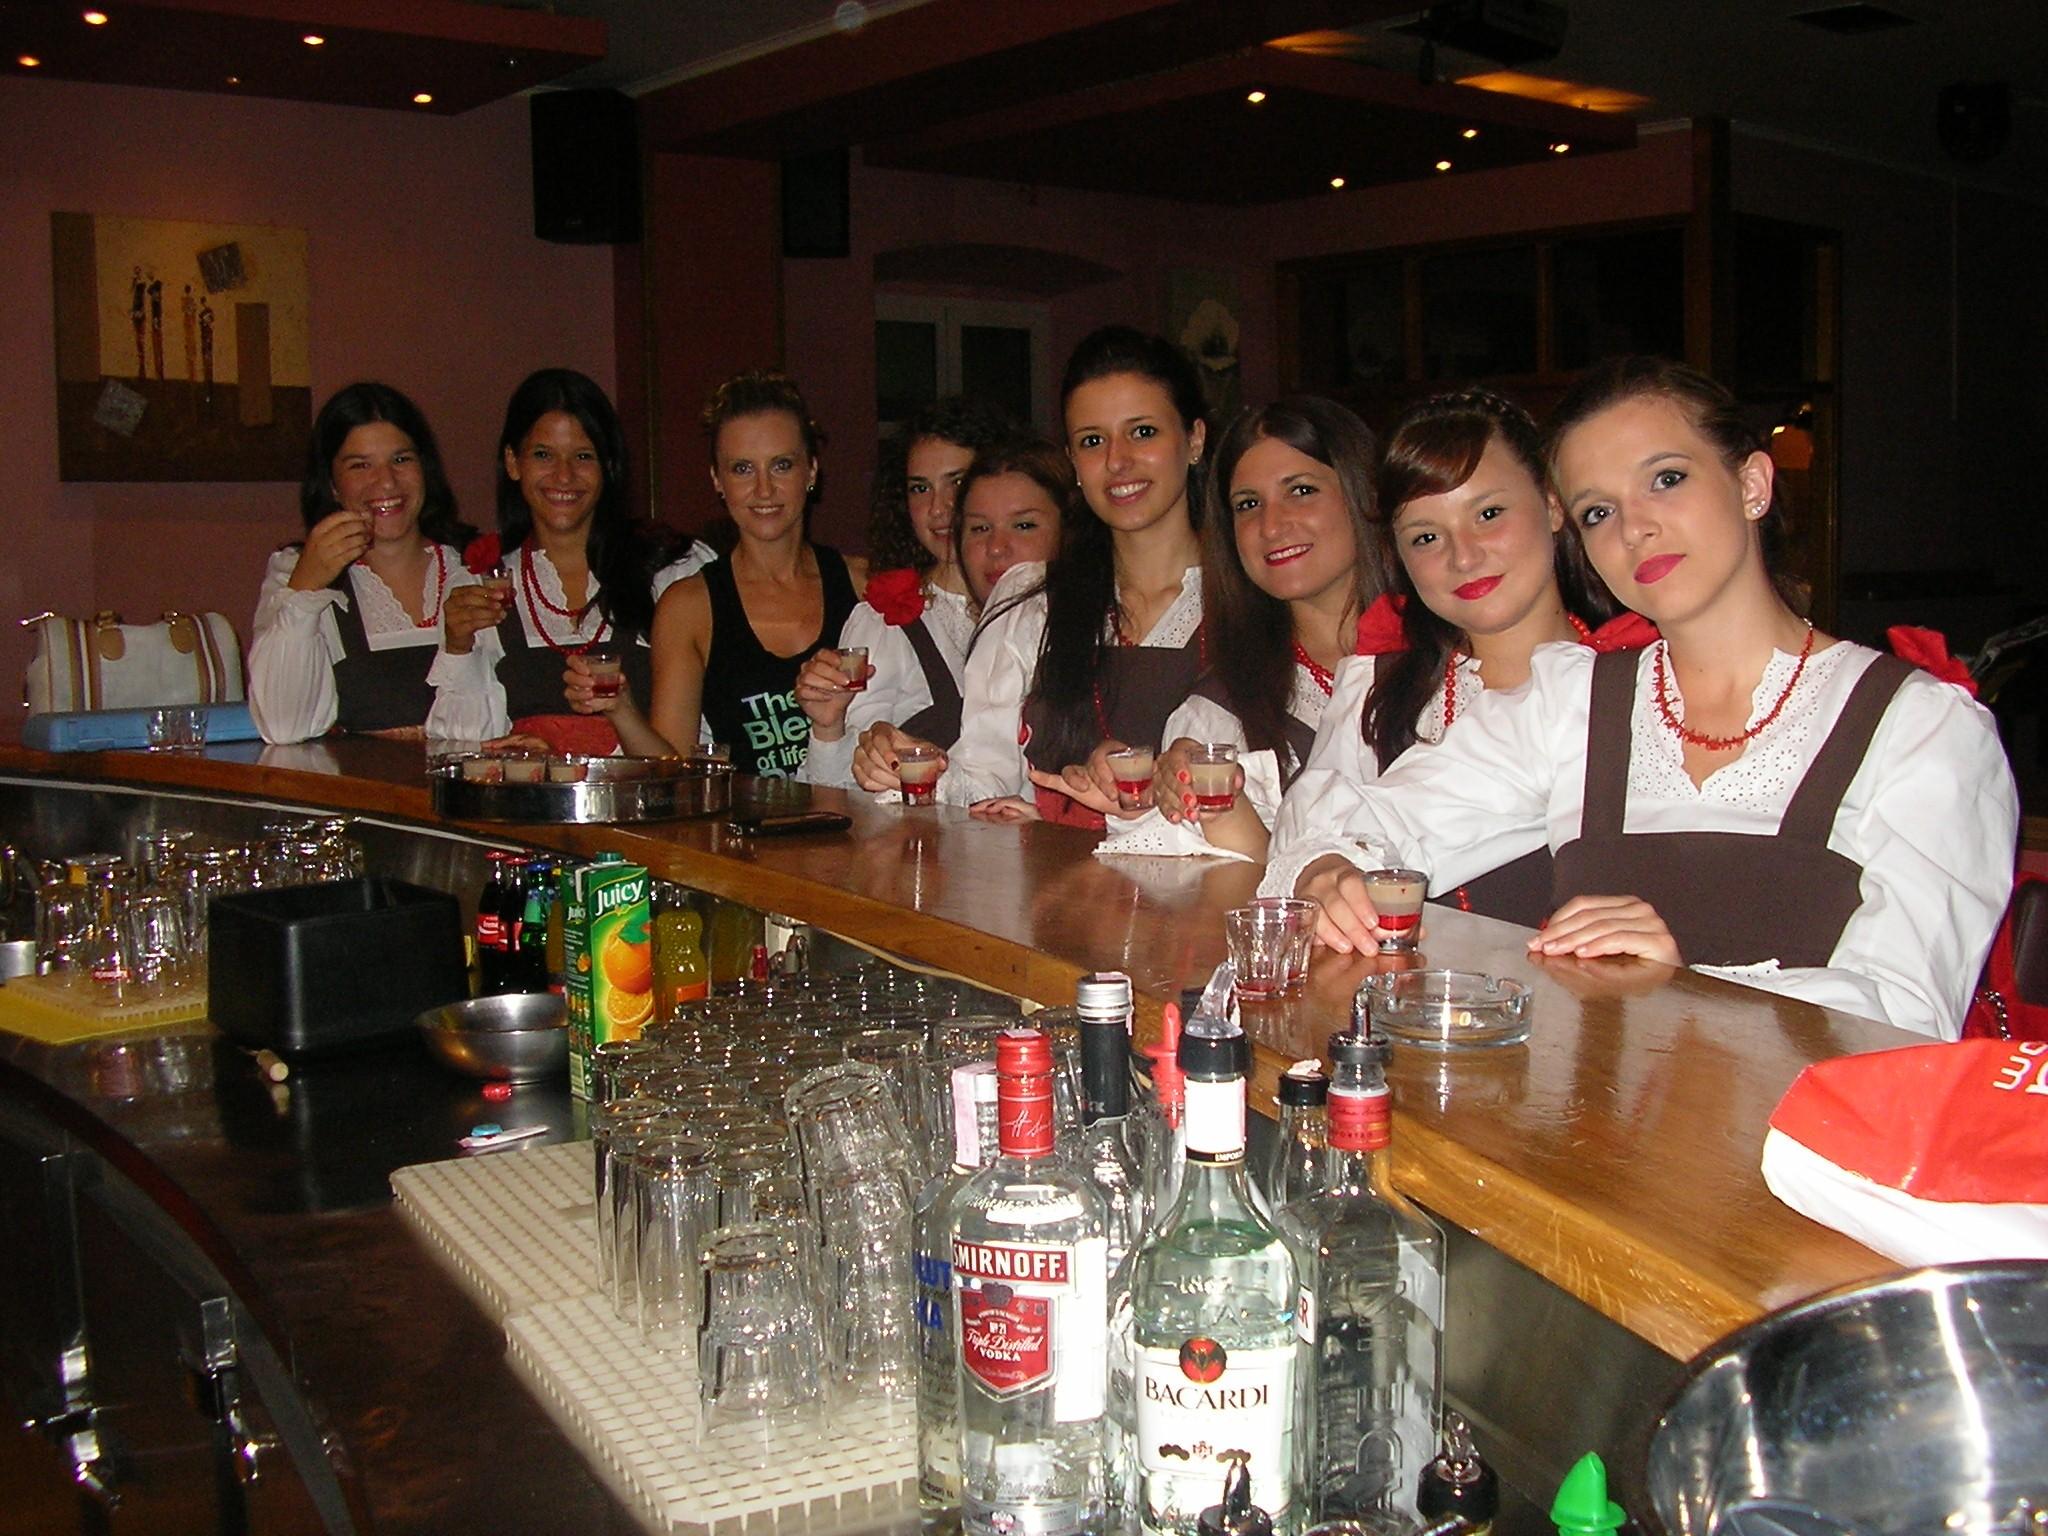 Kumpanjija u caffe baru Lido - Balerine